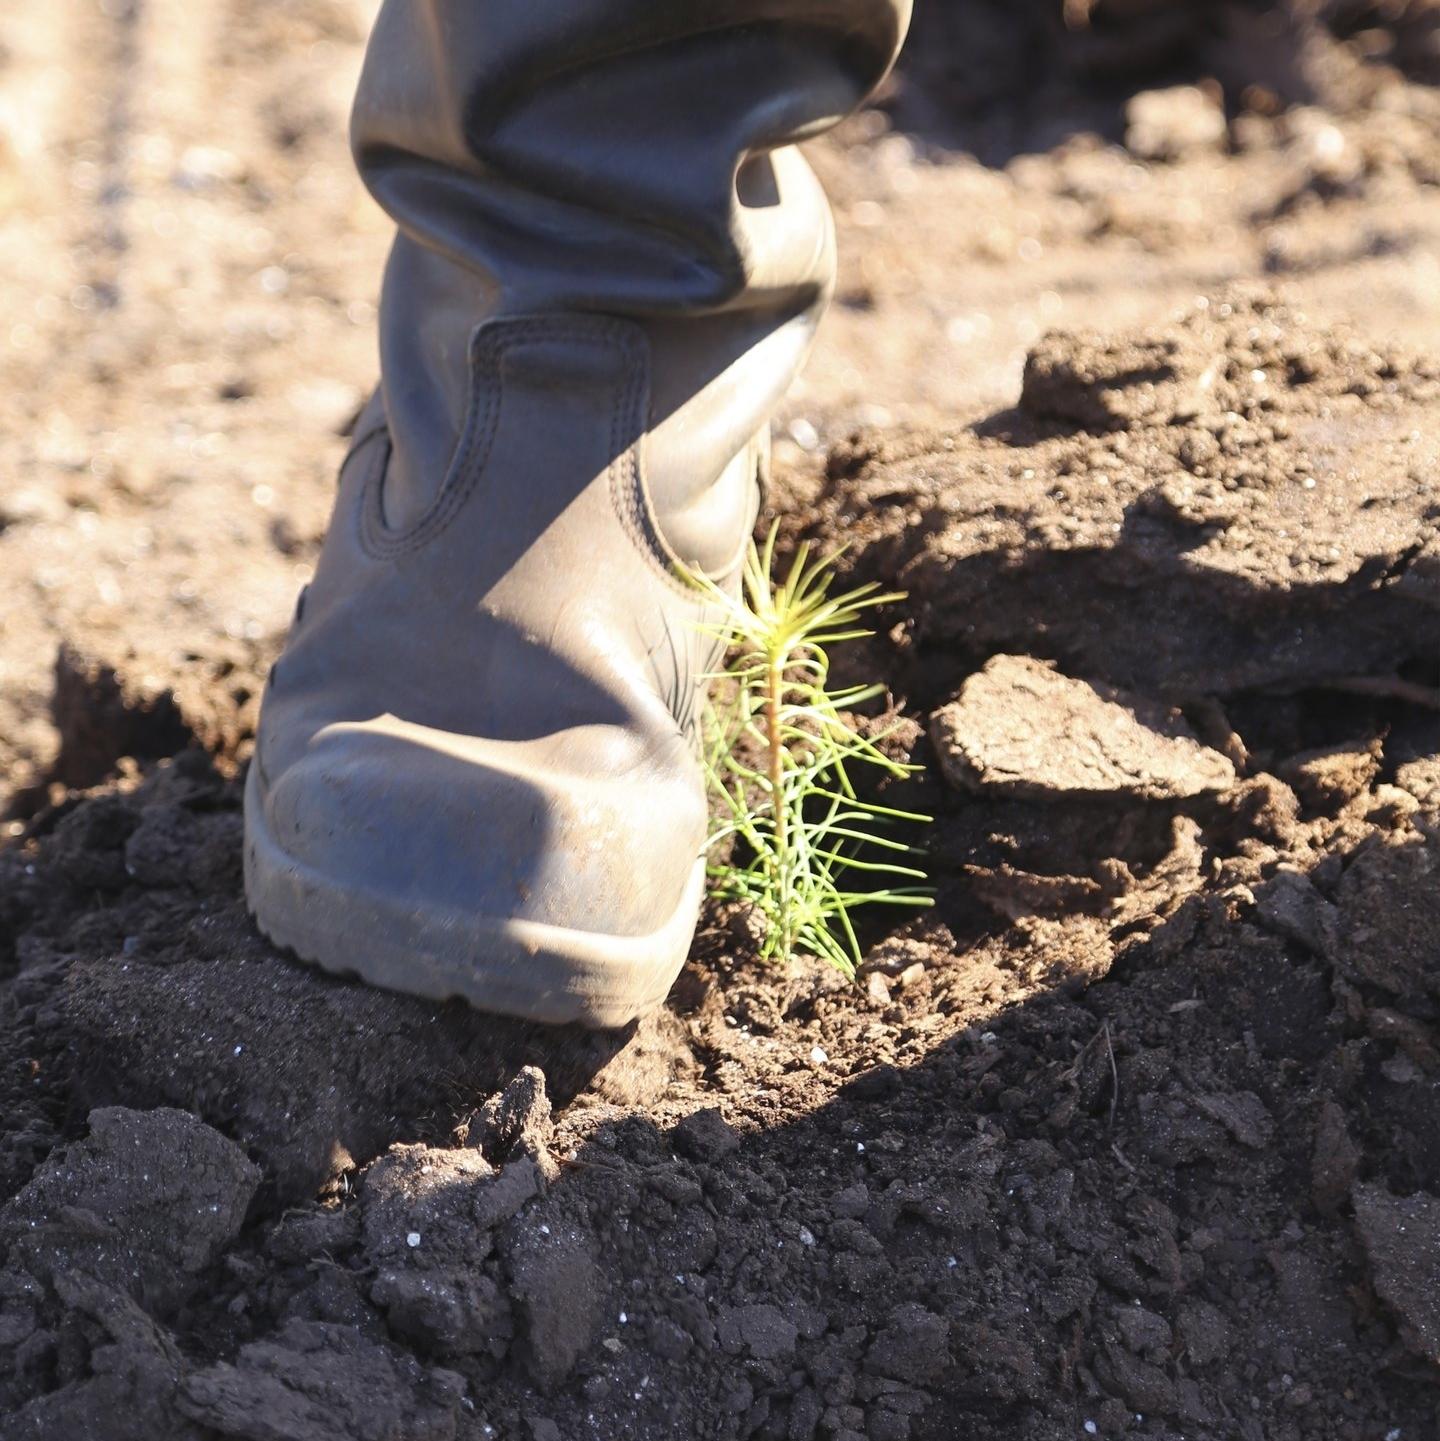 Istuttaja tiivistää maata taimen ympäriltä